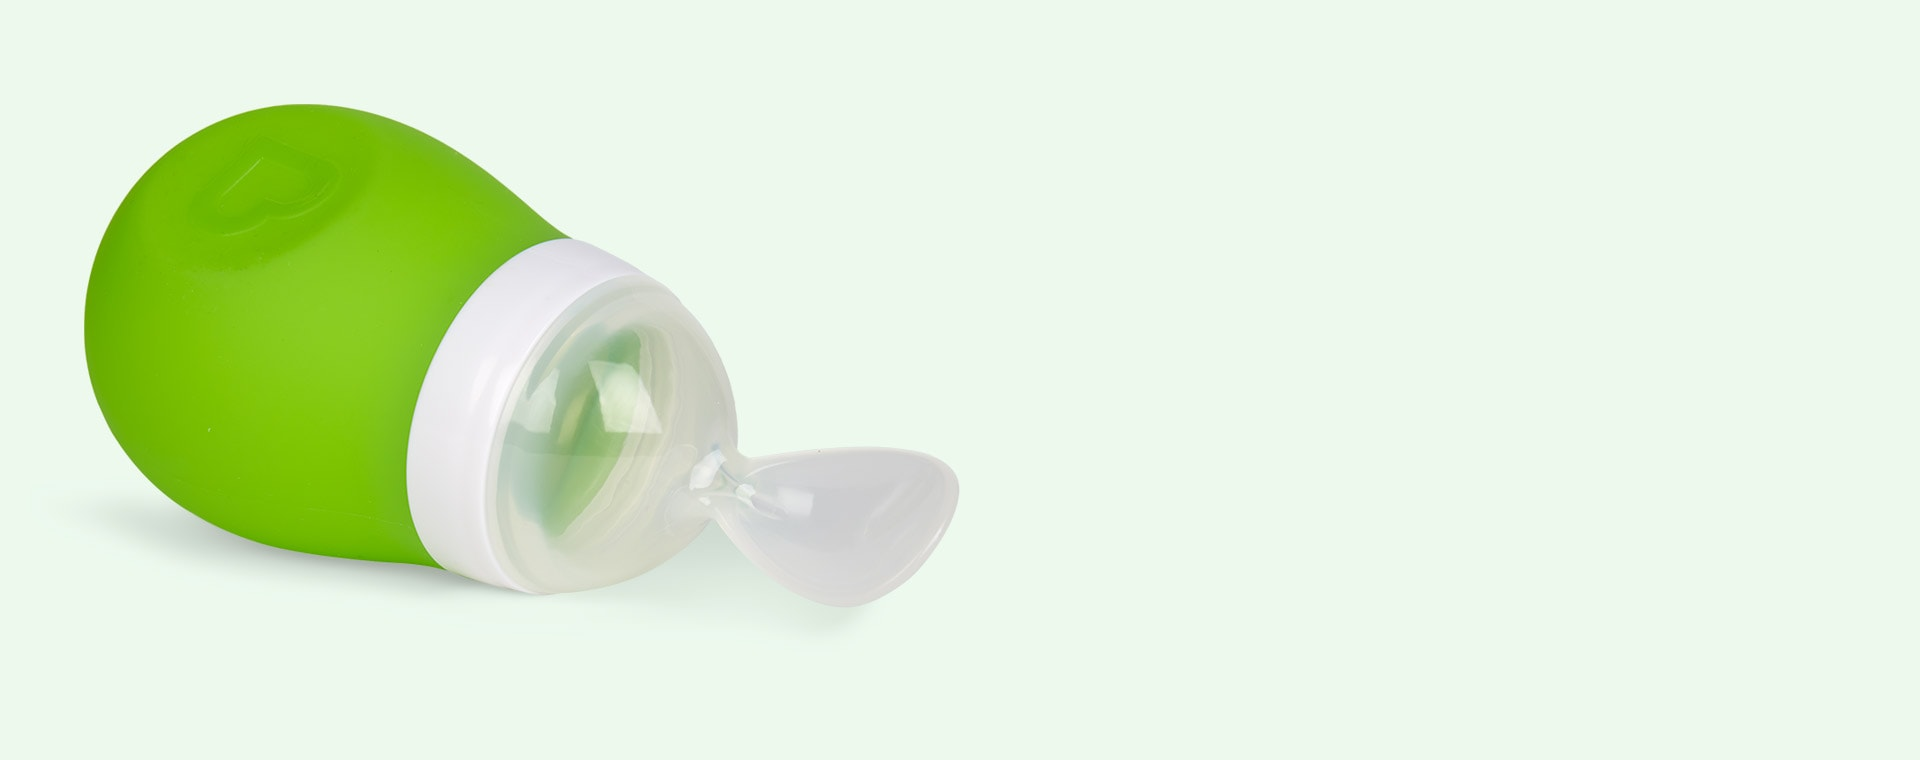 Green Munchkin Squeeze Spoon